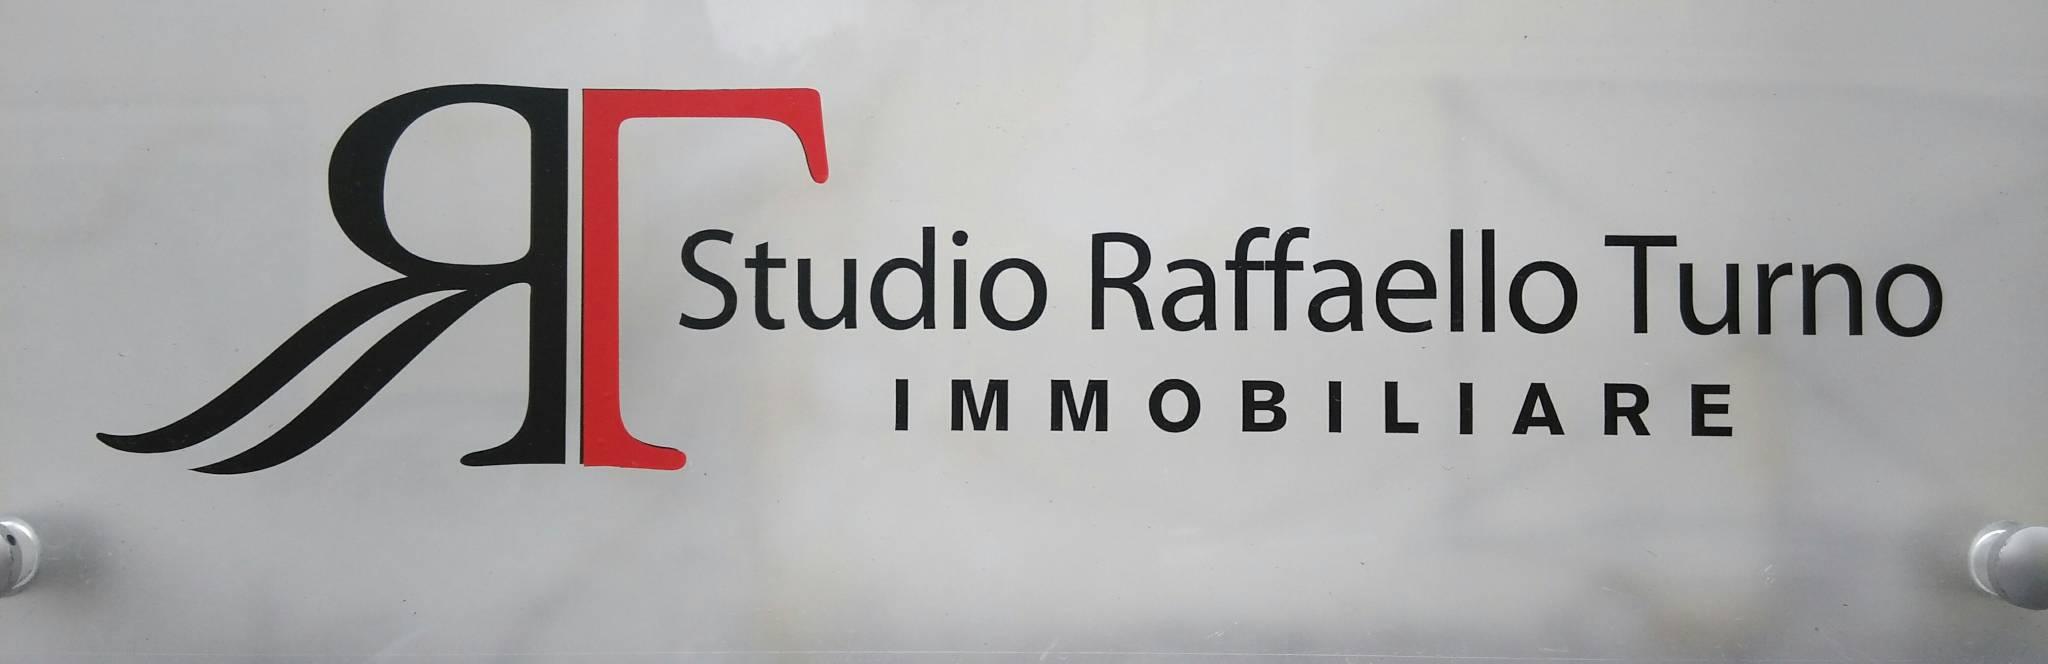 Studio Raffaello Turno